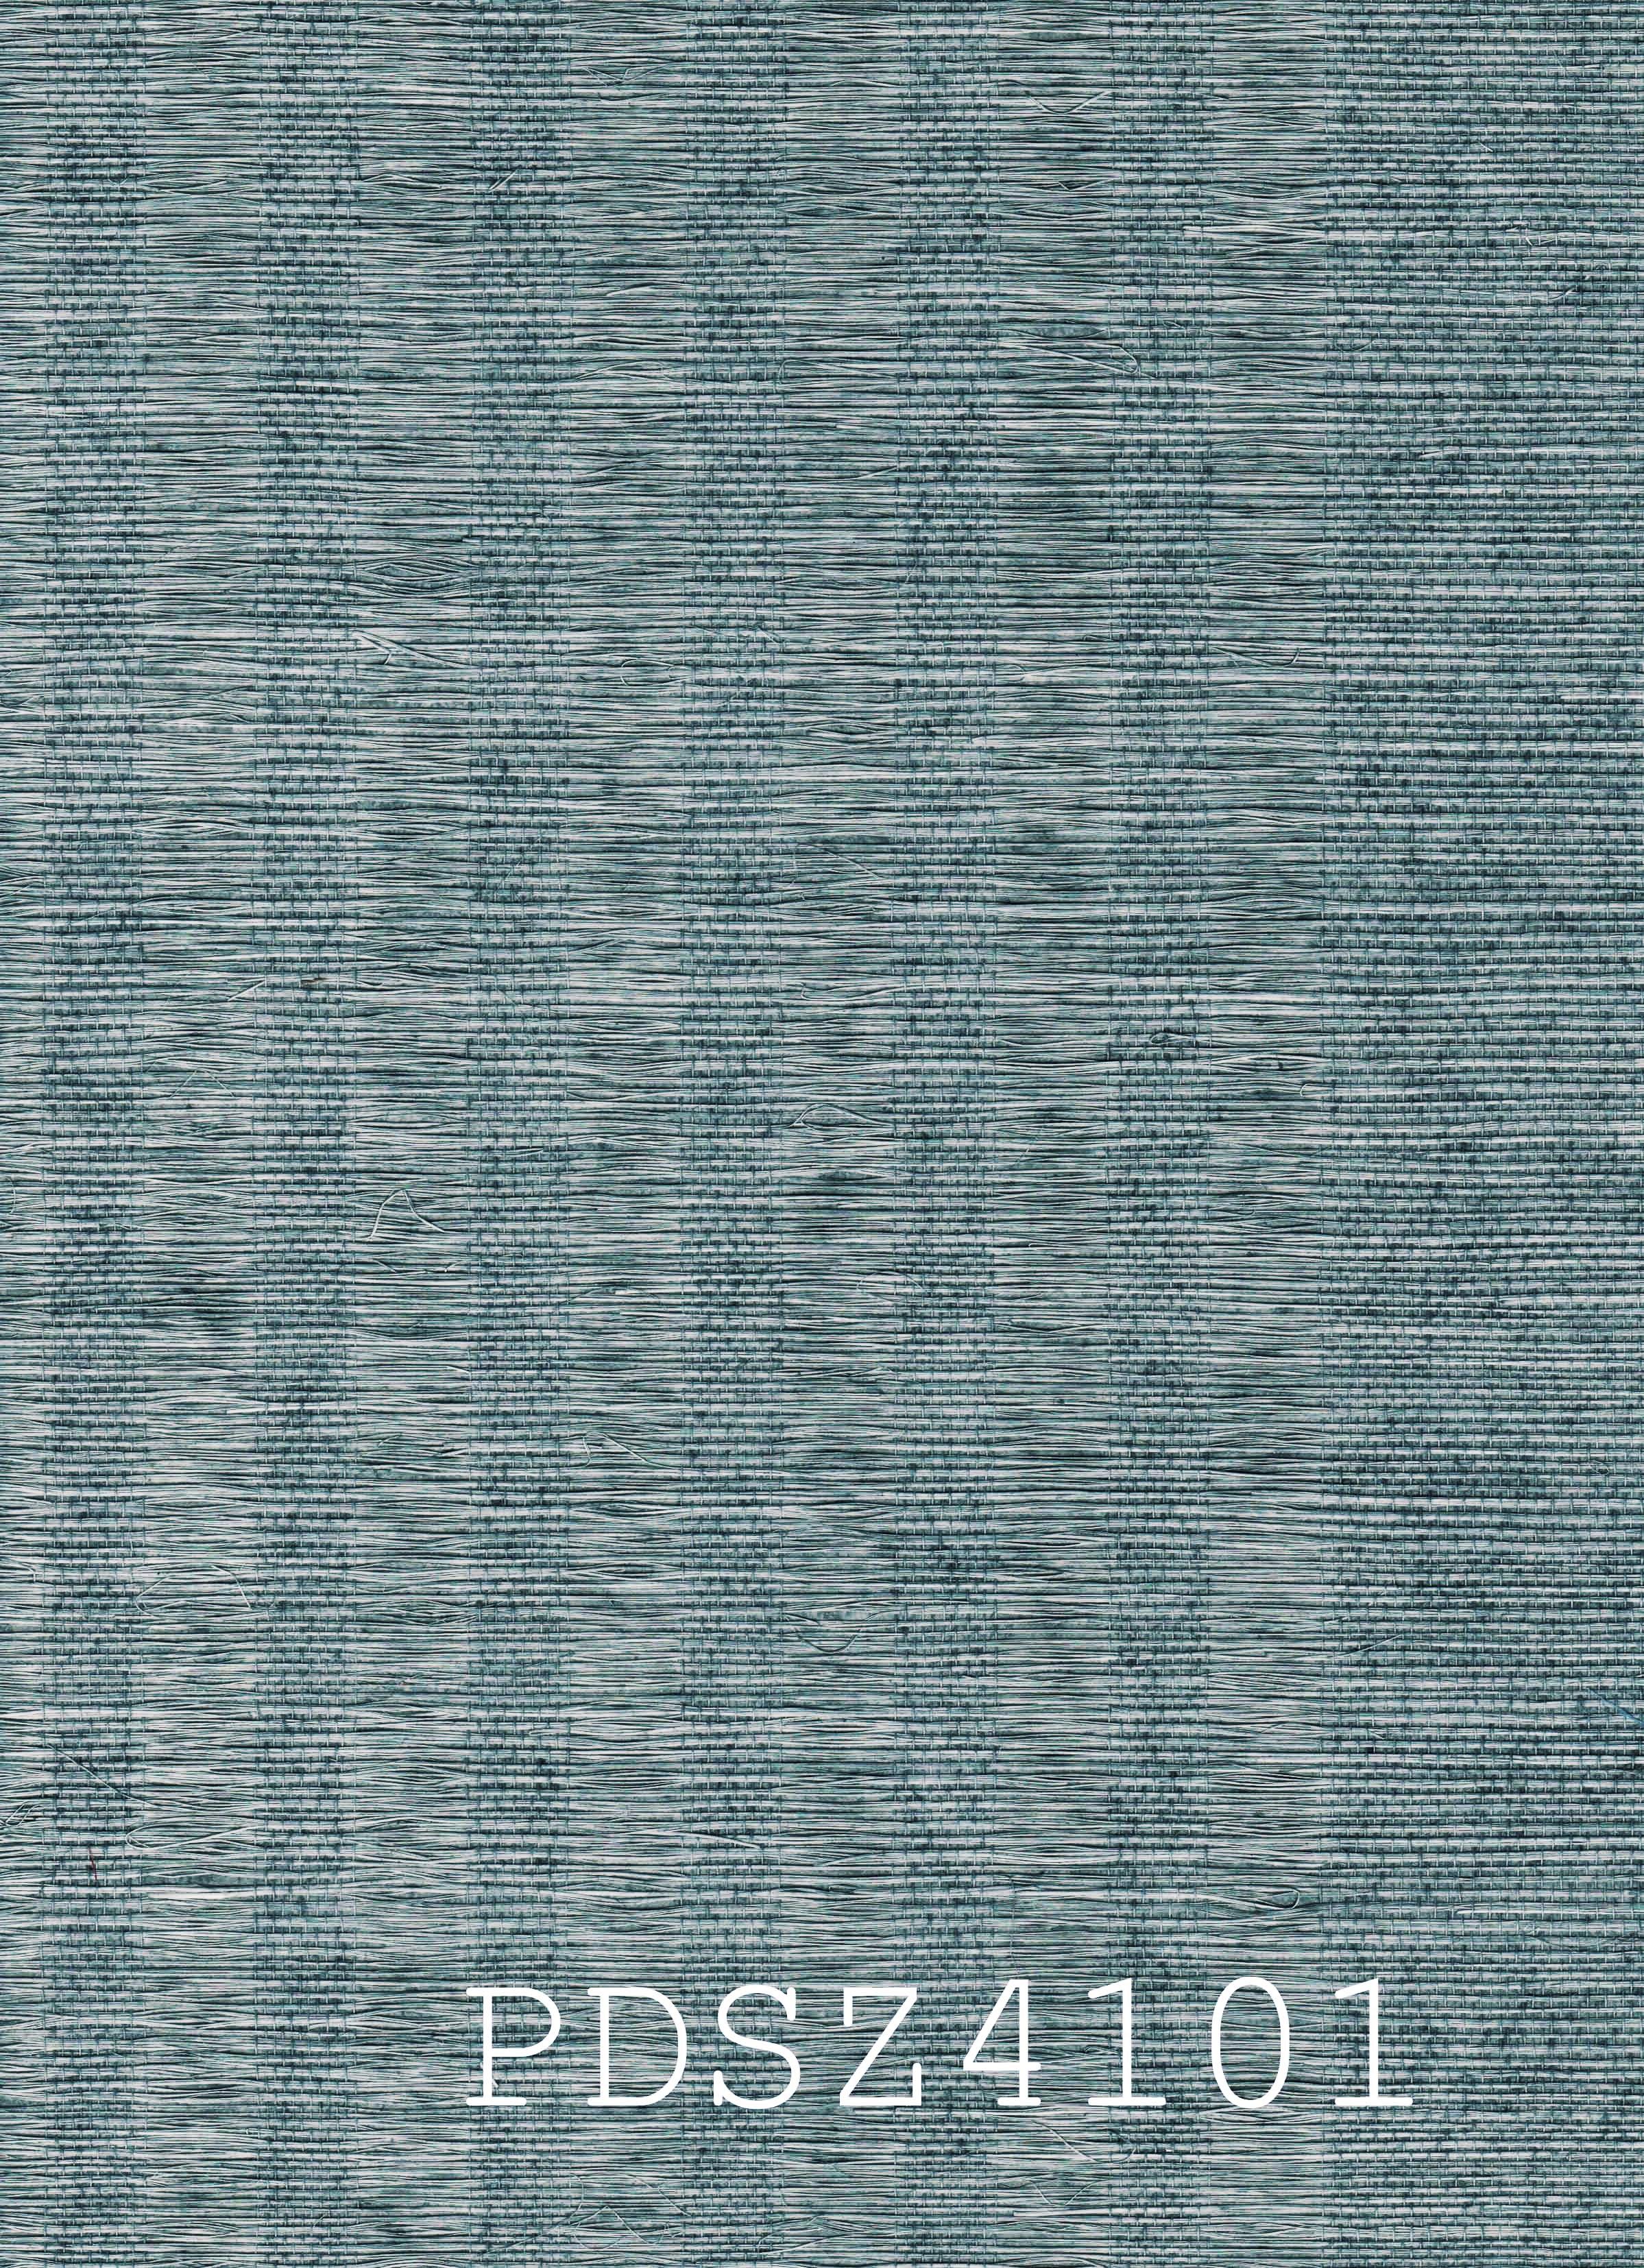 PDSZ4101